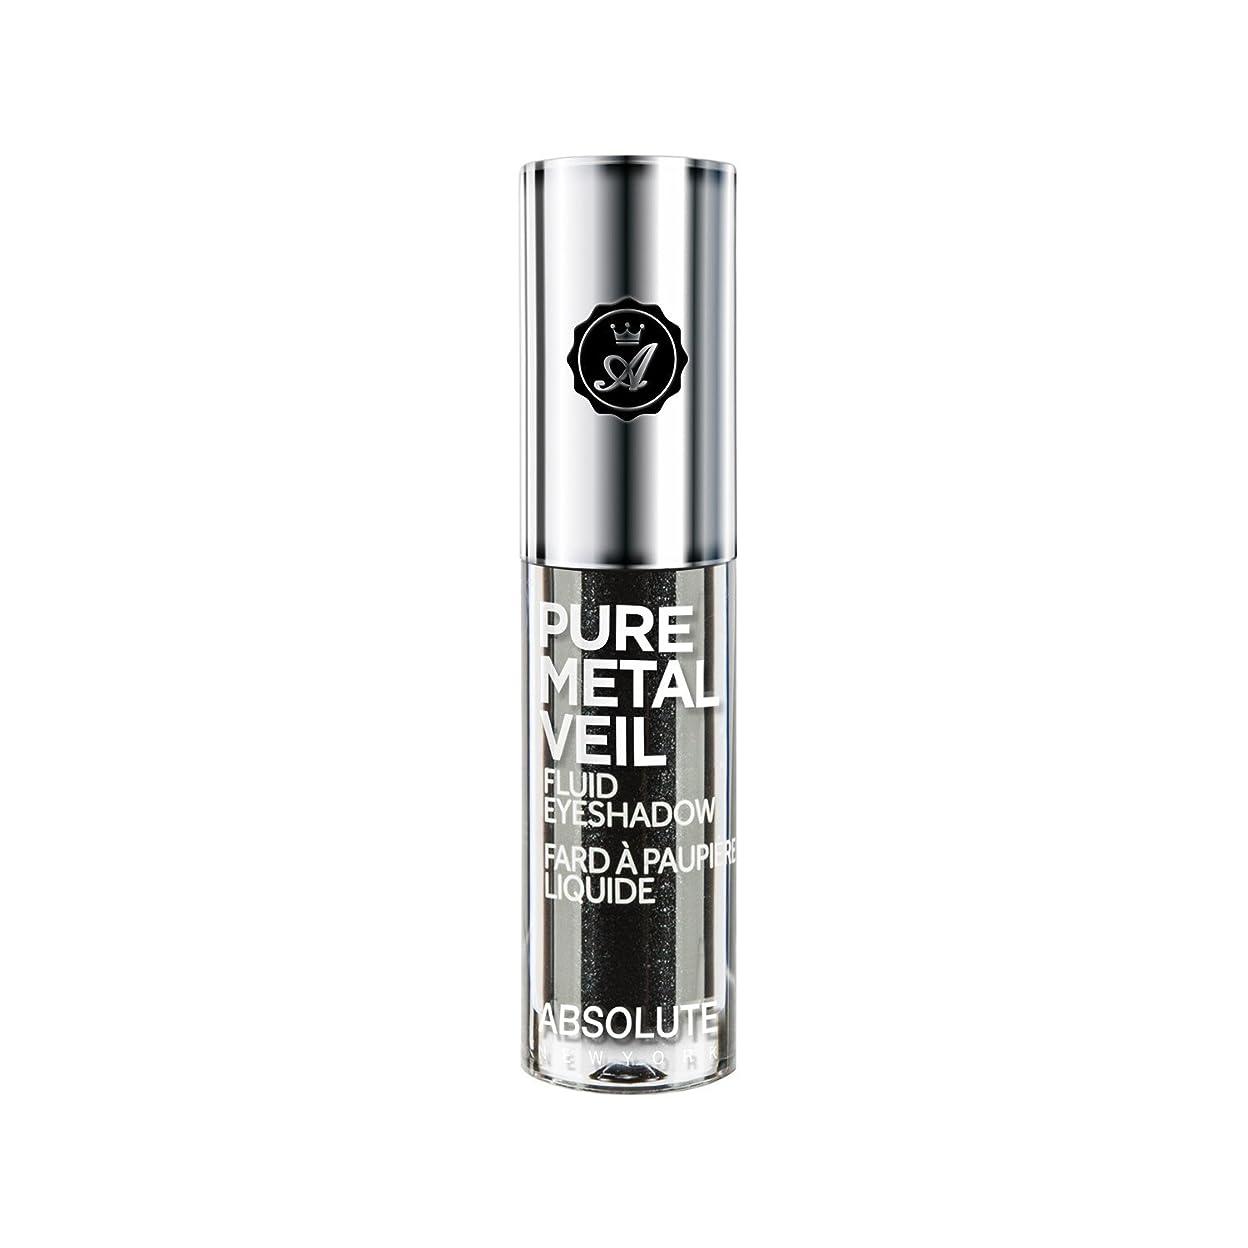 槍モニター補助(3 Pack) ABSOLUTE Pure Metal Veil Fluid Eyeshadow - Blackout (並行輸入品)